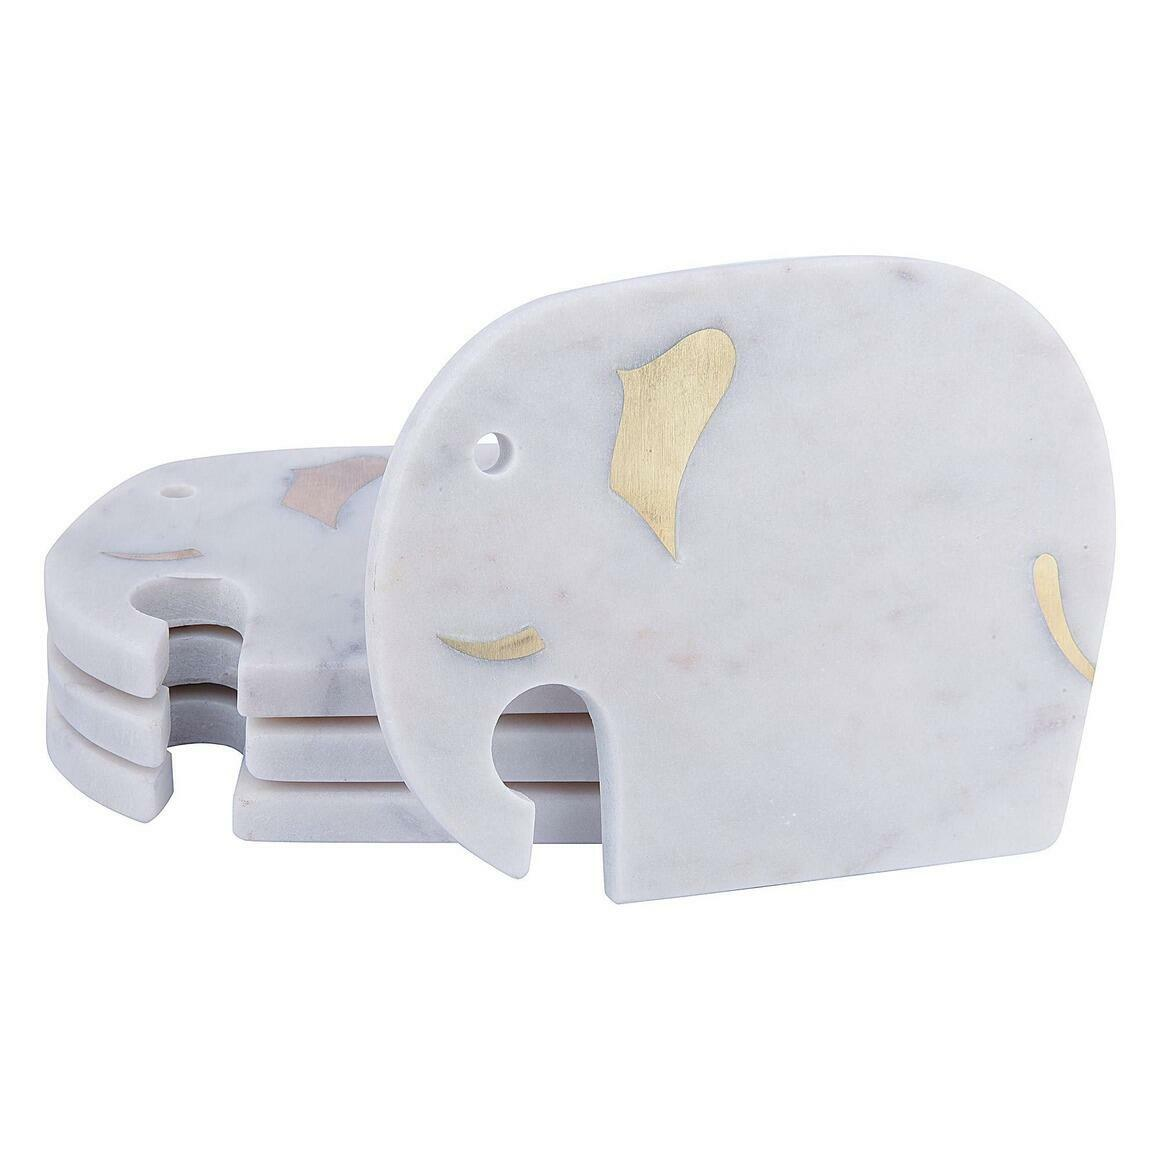 Haathi White Marble Coasters (Set of 4)   Trada Marketplace